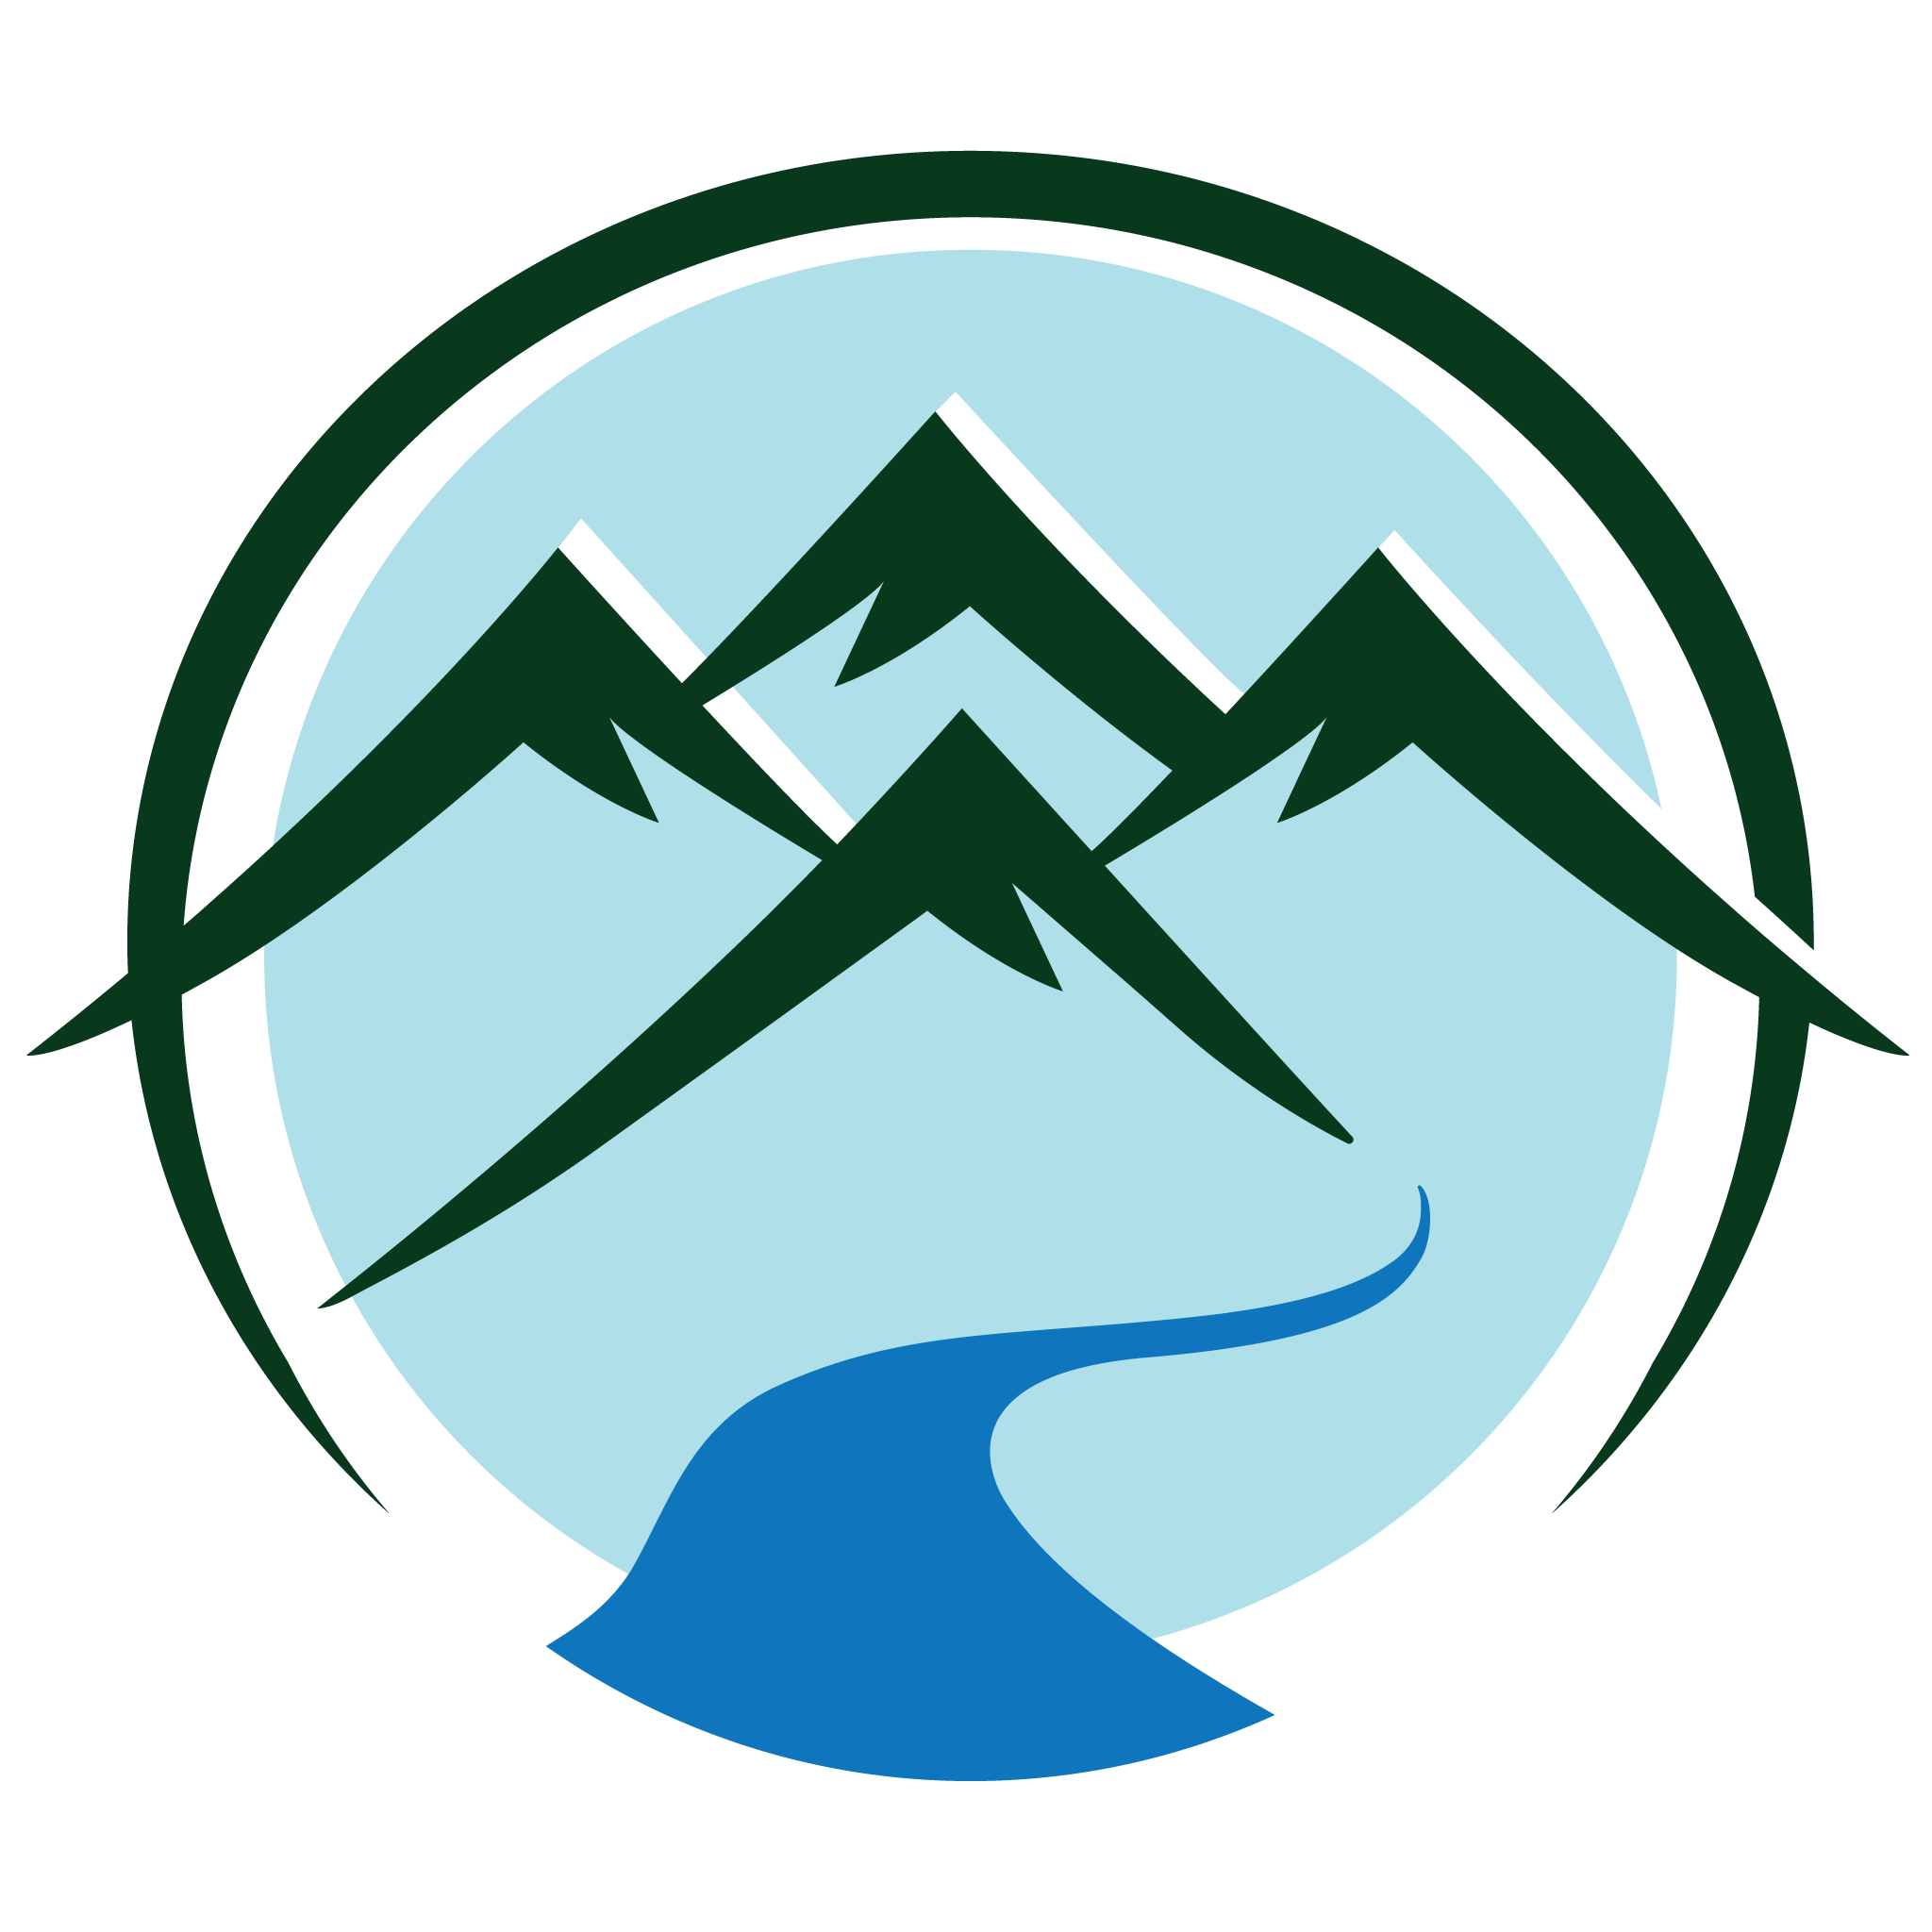 Unione dei Comuni dell'Alta Valle Arroscia